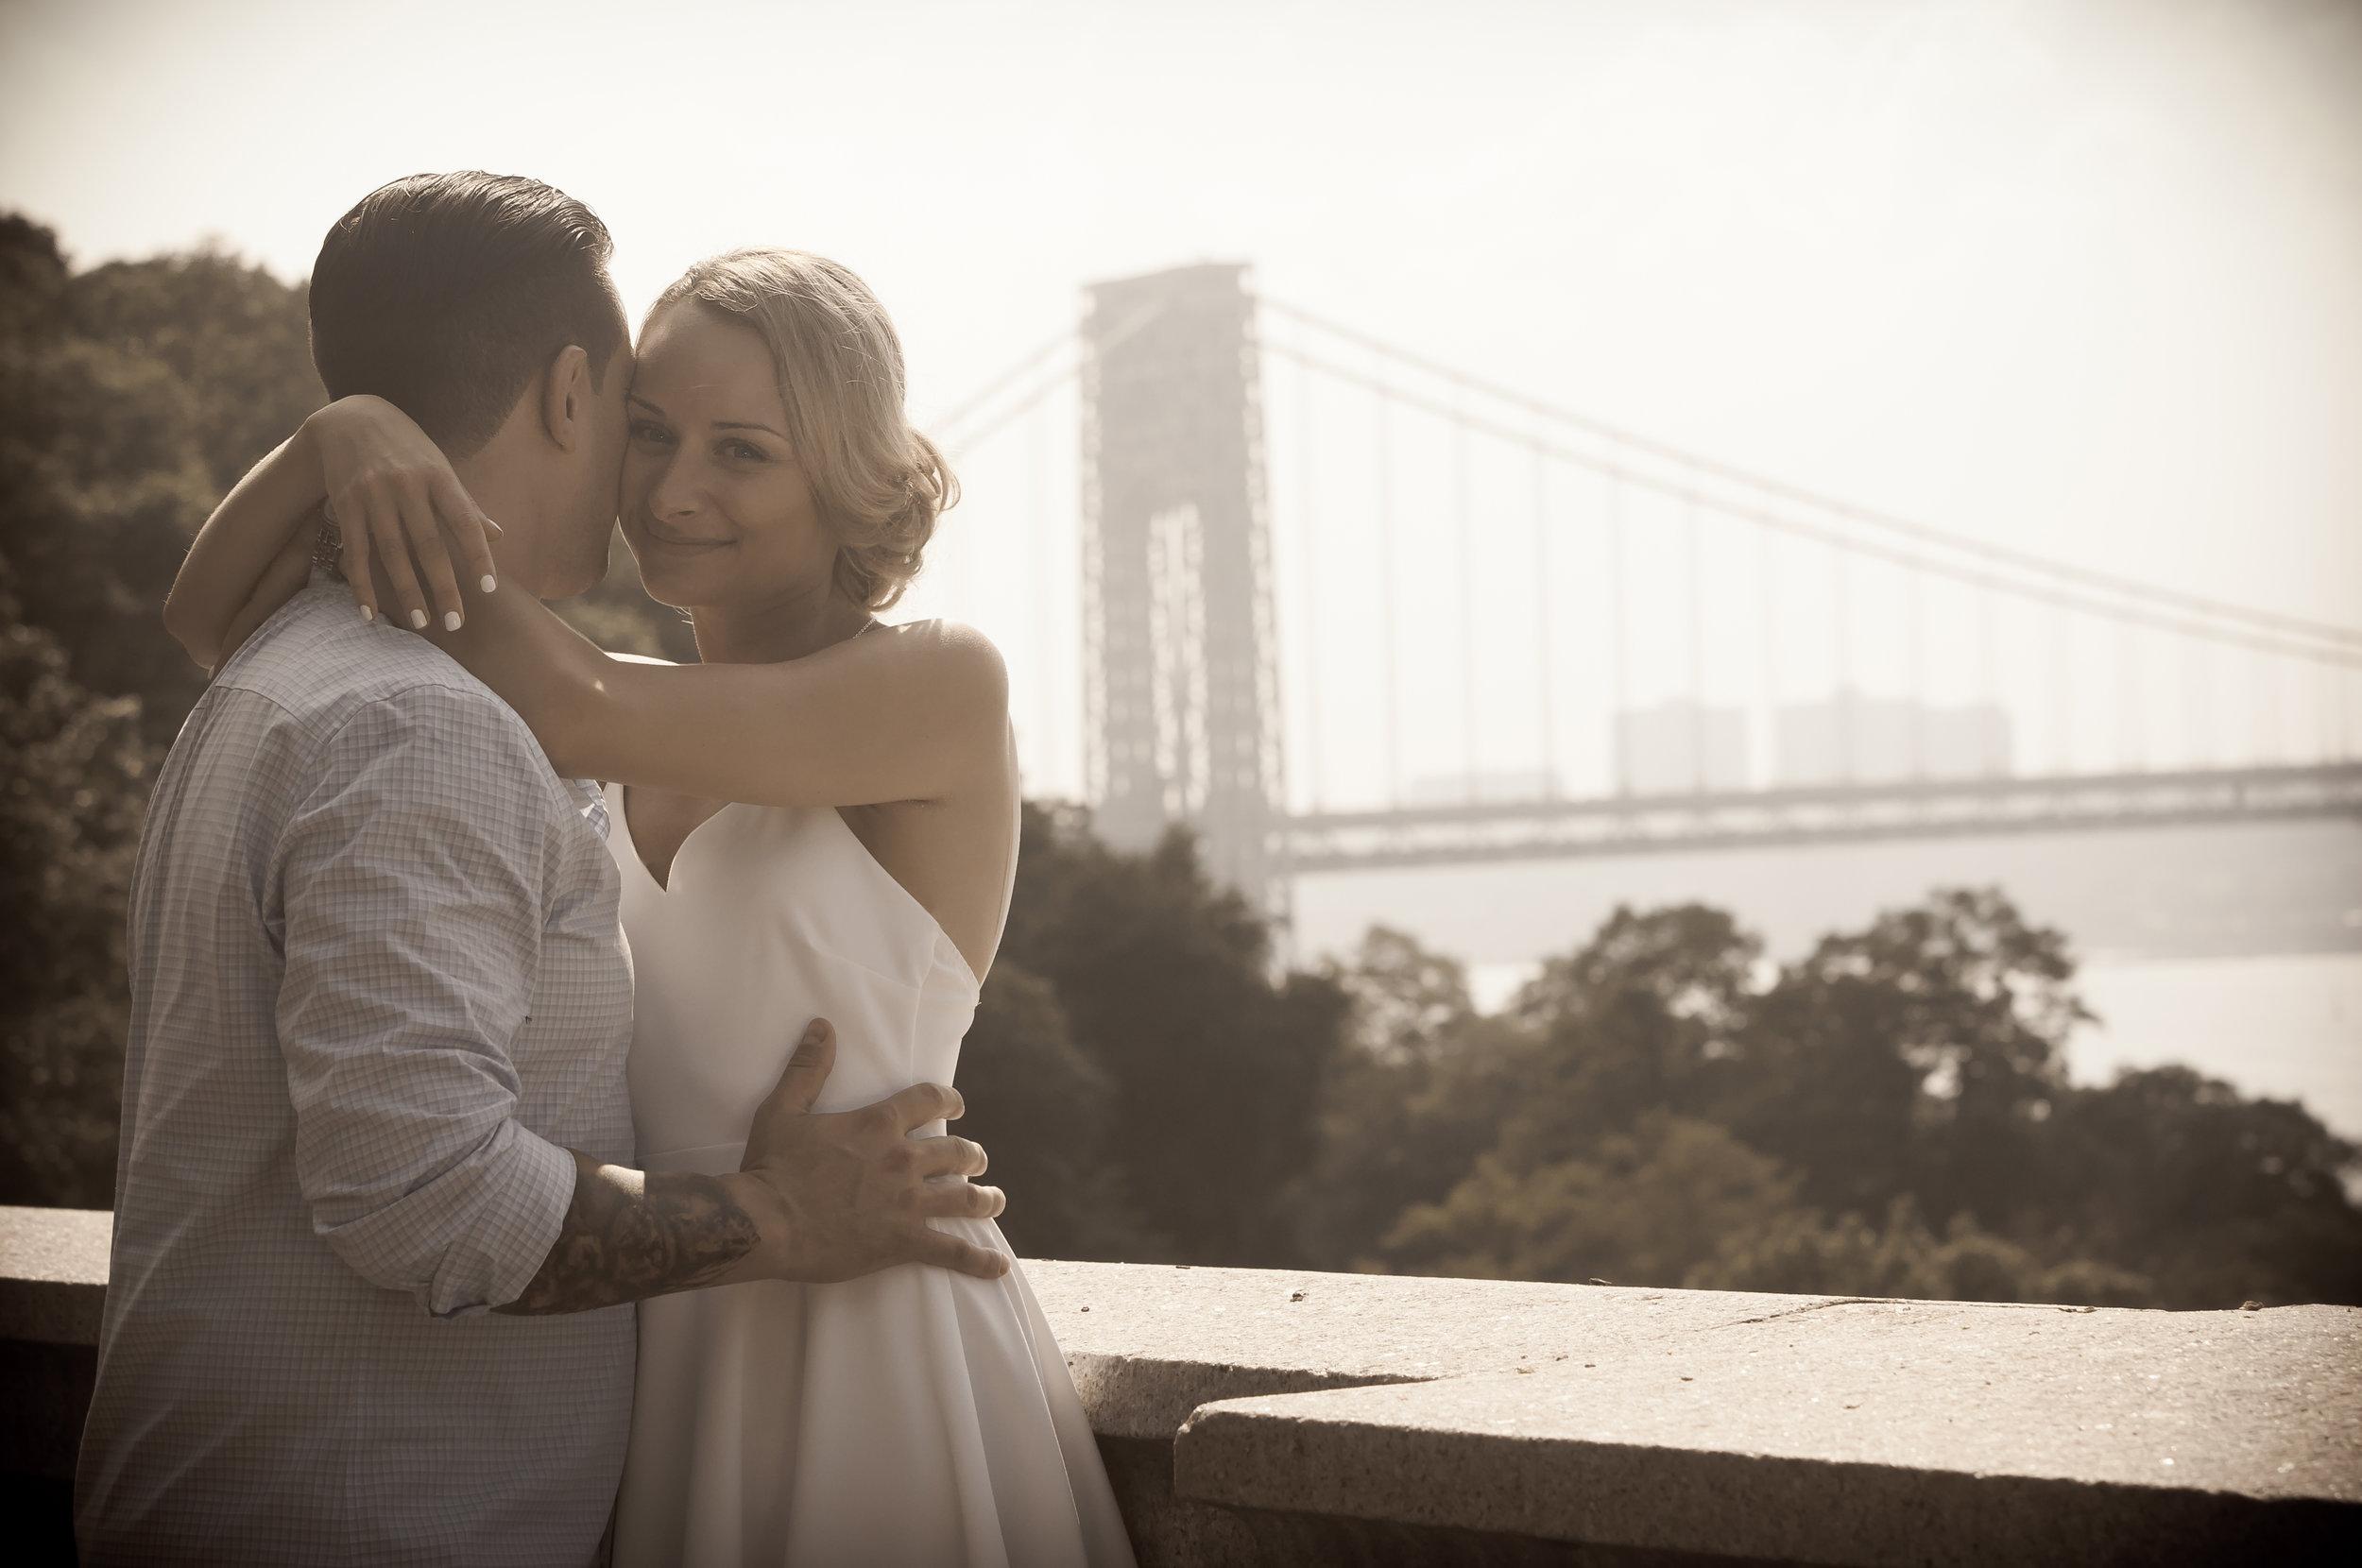 CArrieWestonStudios_NY_Portrait_Wedding_Photography_Northport_JoeandSarah-33.jpg